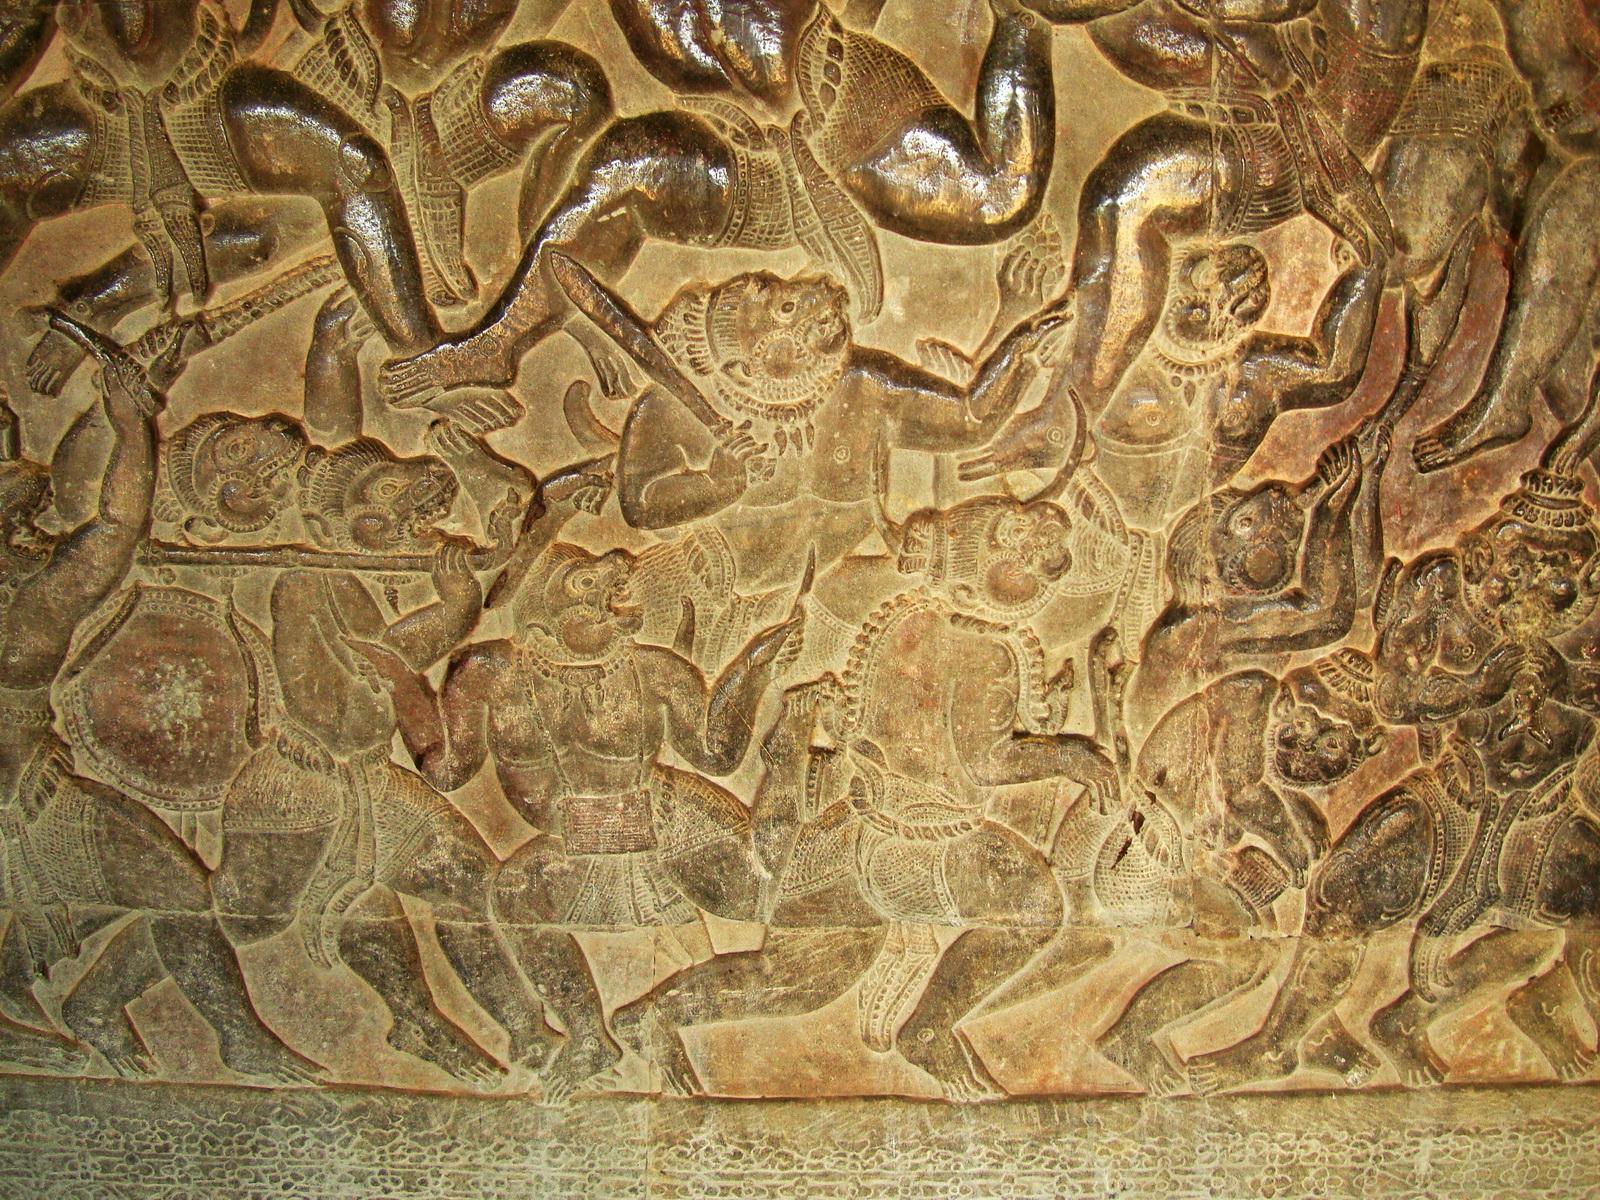 Angkor Wat Bas relief W Gallery N Wing Battle of Lanka 36